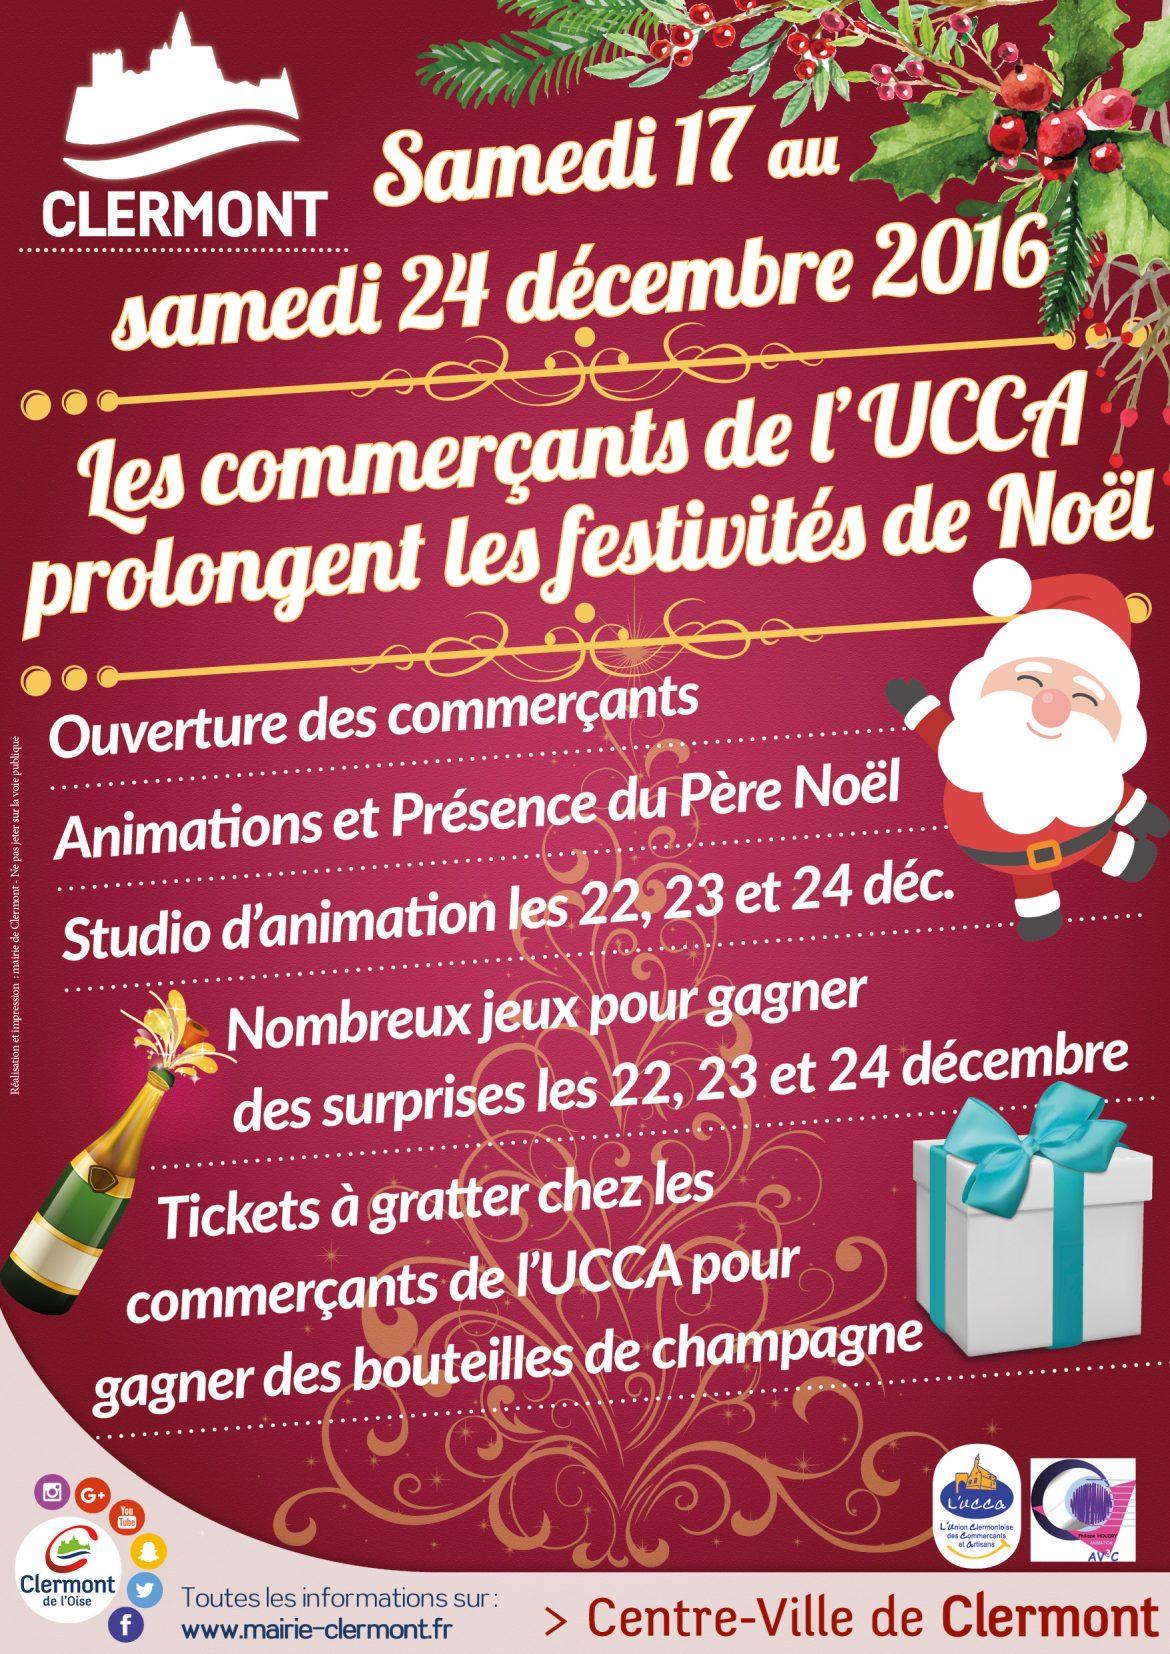 Les commerçants de l'UCCA prolongent les festivités de Noël 2016, du samedi 17 au samedi 24 décembre